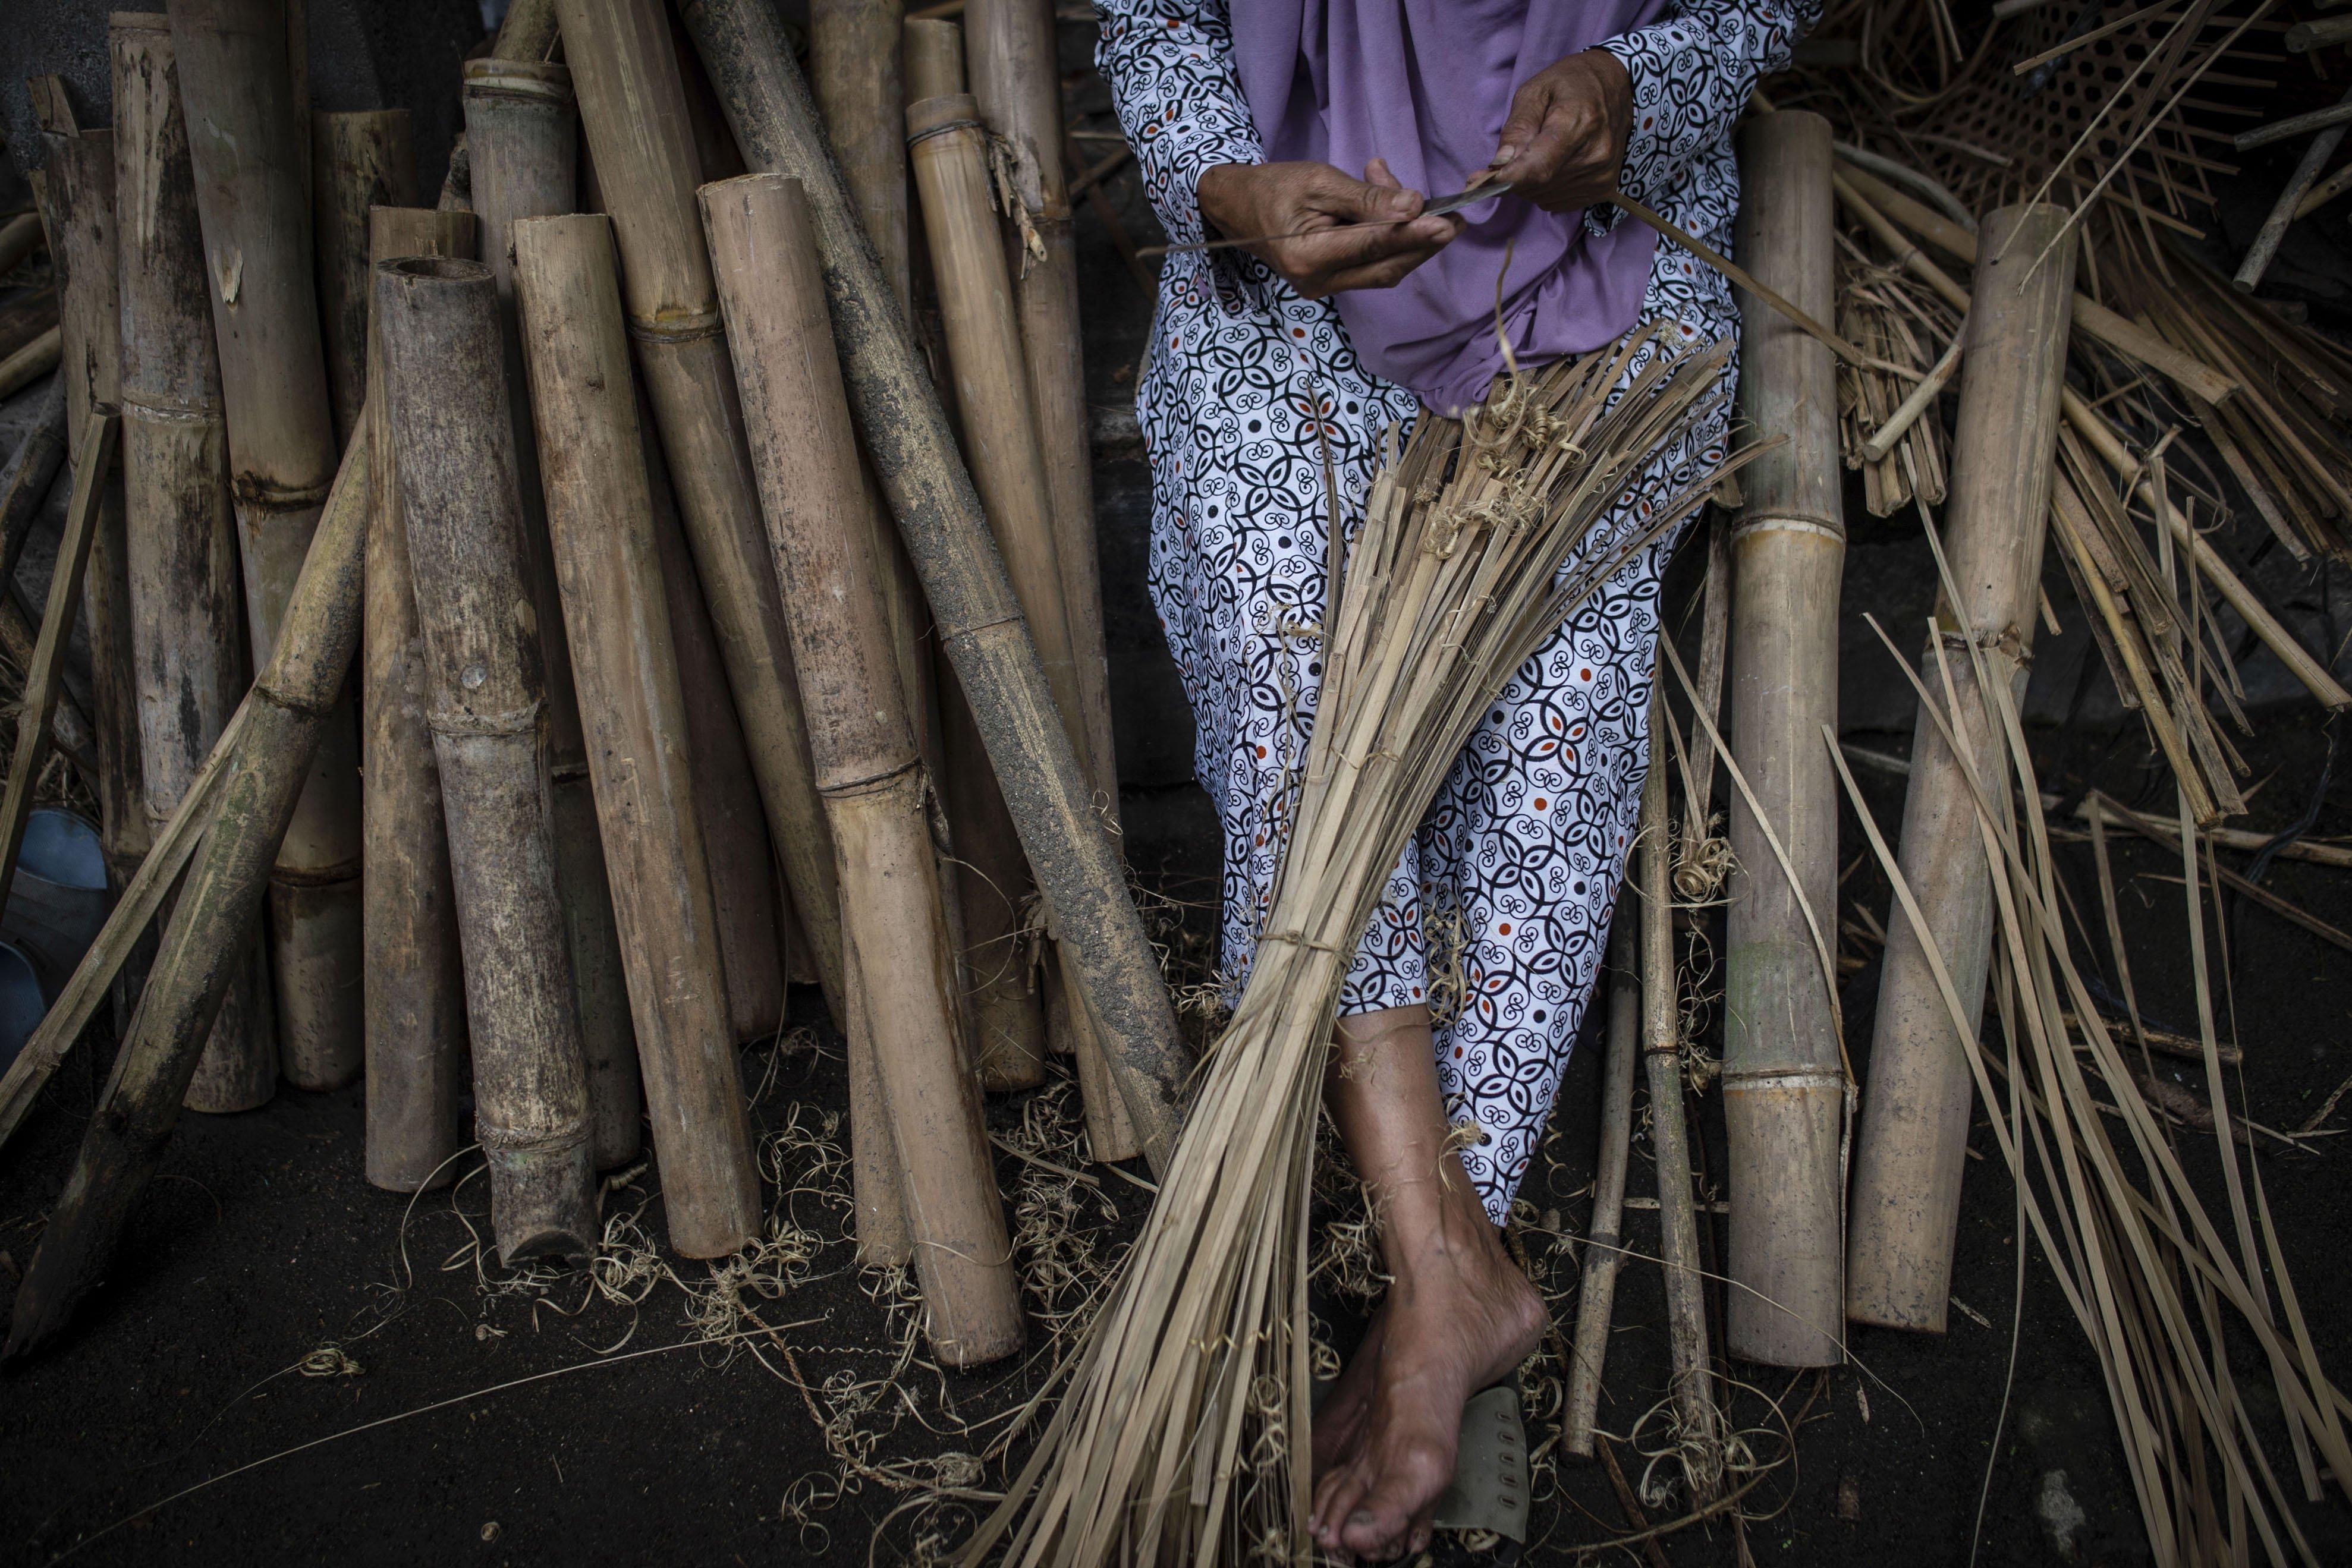 Pengrajin memotong bambu di Desa Loyok, Sakra, Lombok Timur, Nusa Tenggara Barat.